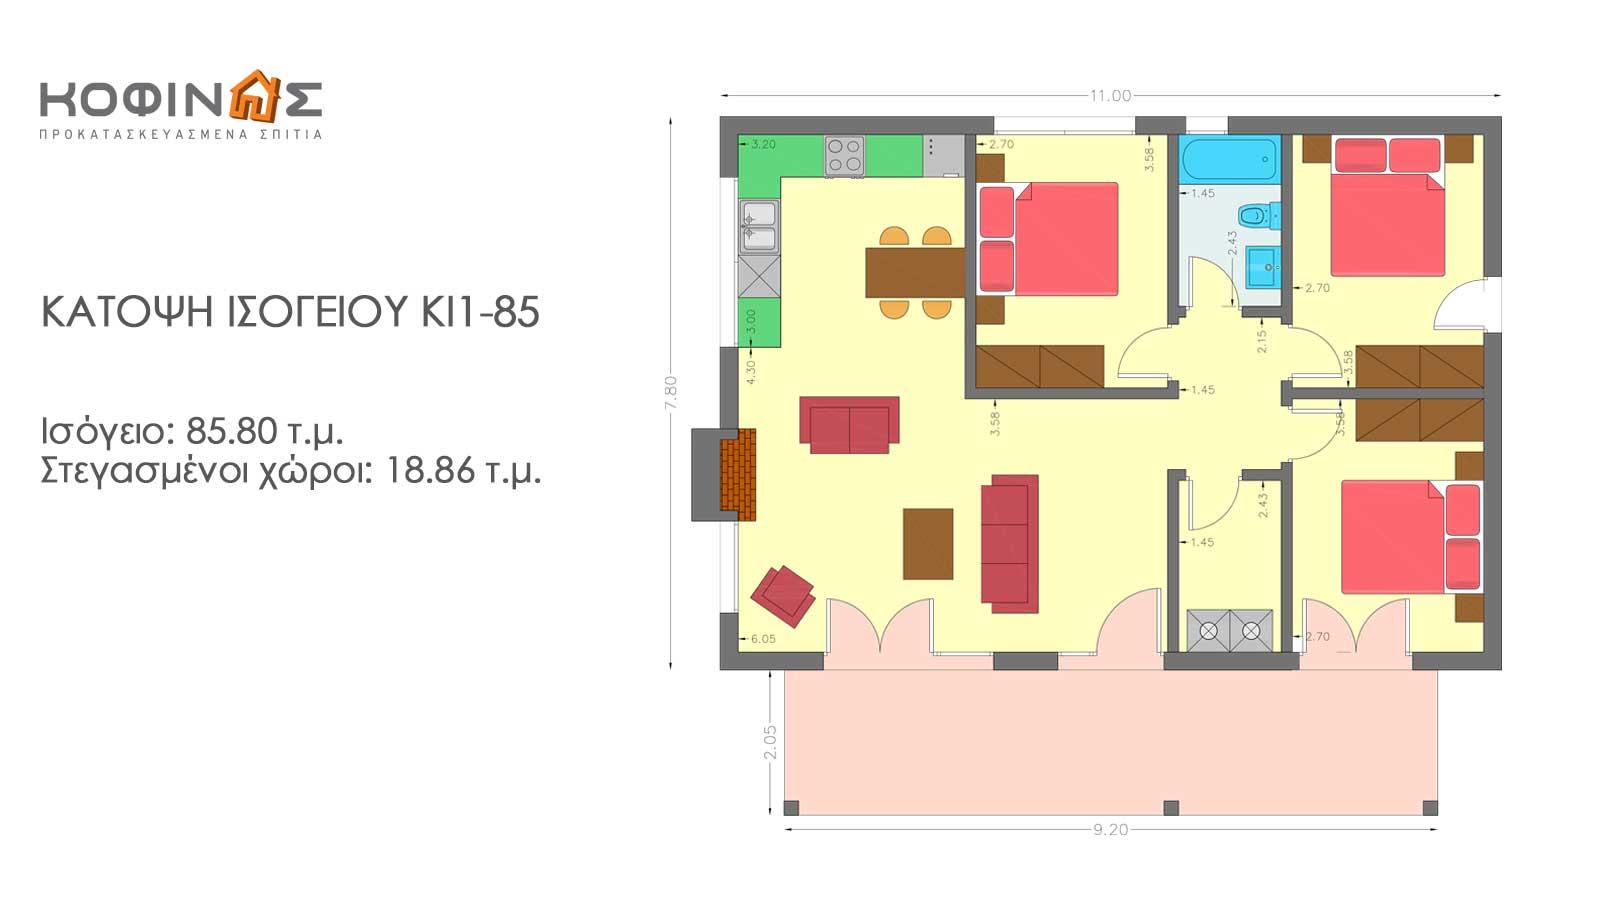 Ισόγεια Κατοικία ΚI1-85, συνολικής επιφάνειας 85,80 τ.μ.